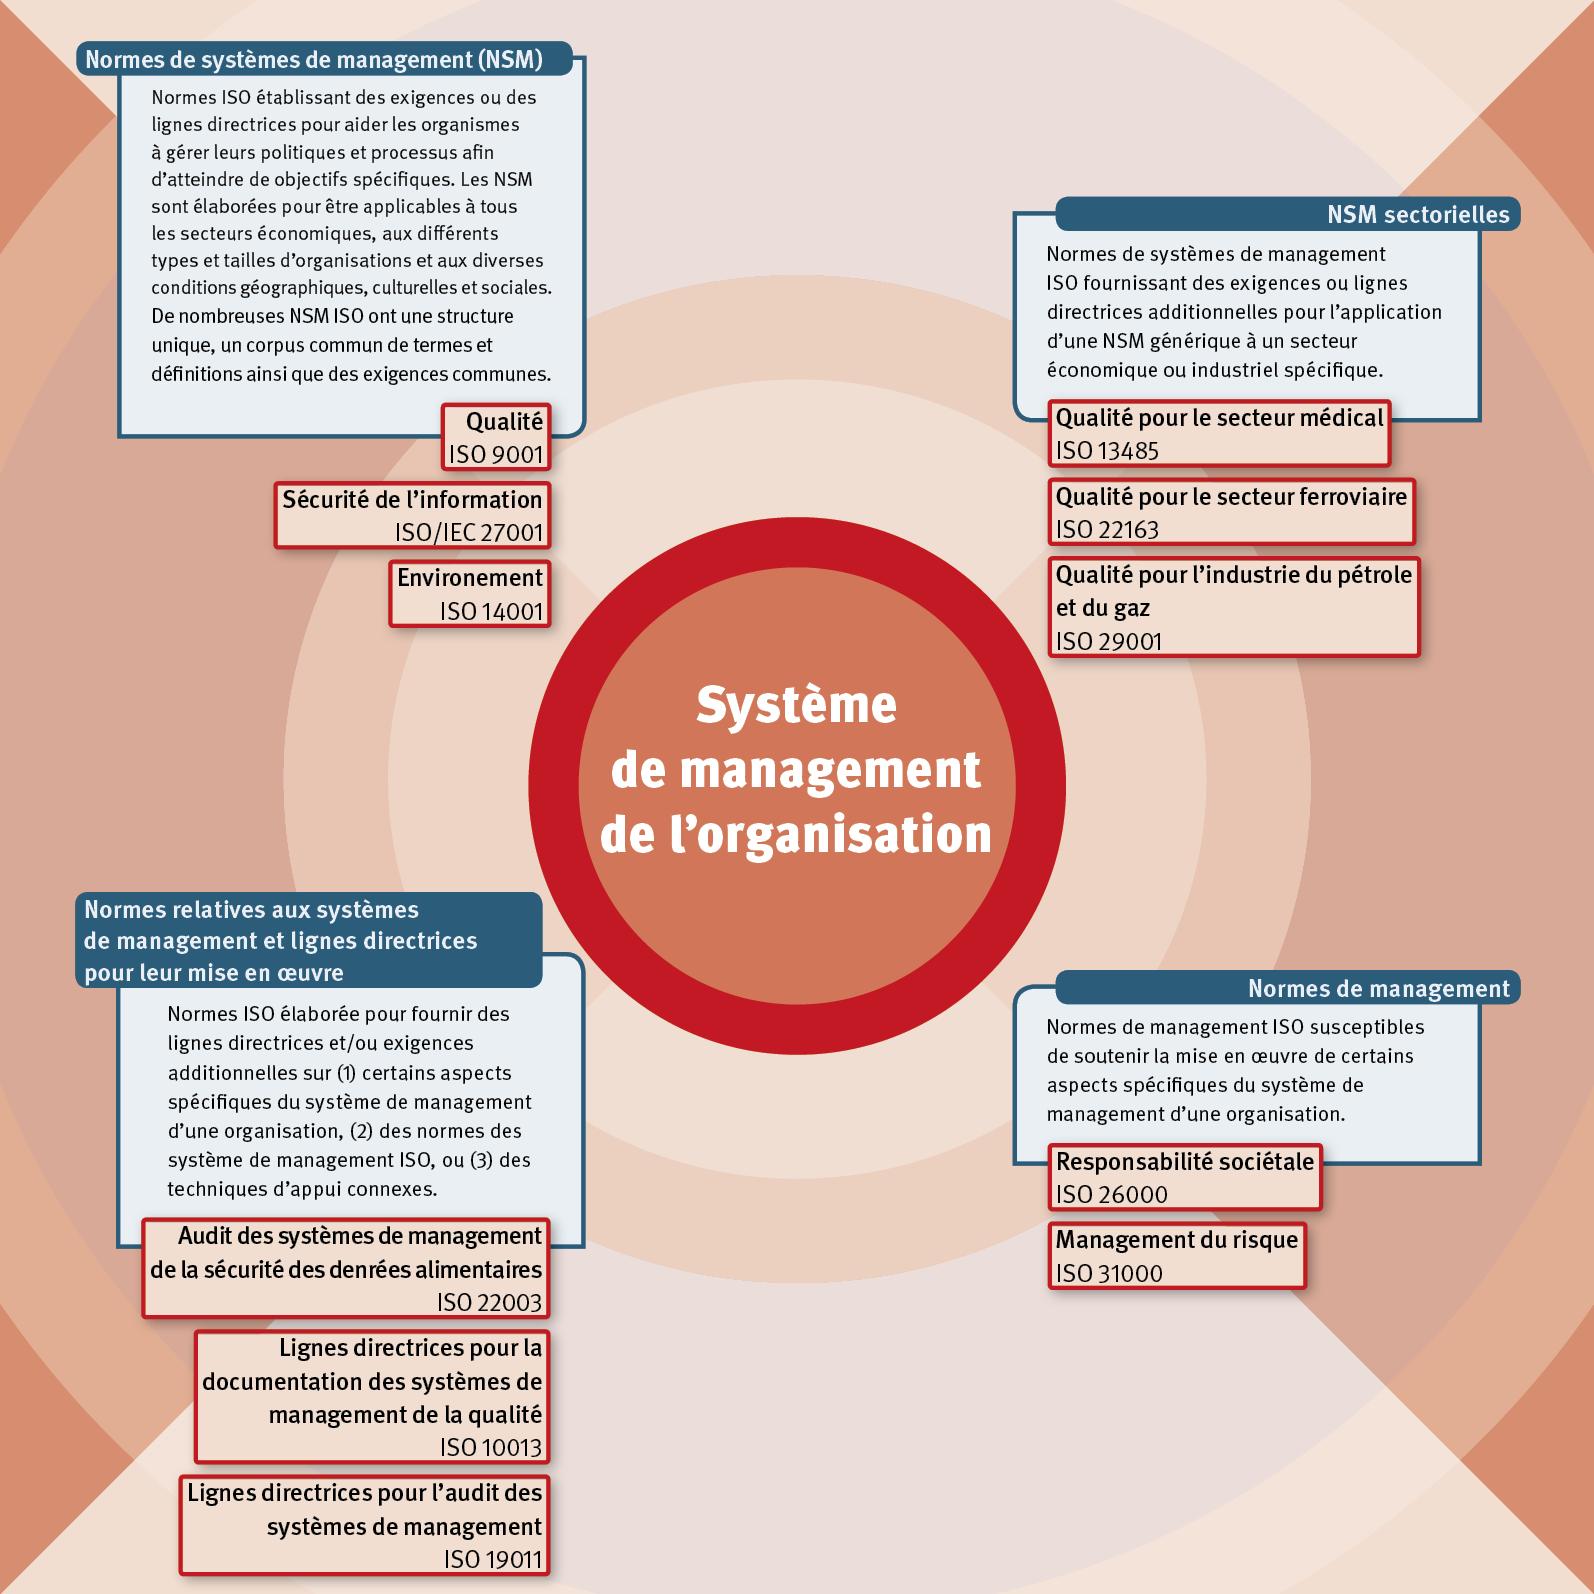 Iso Normes De Systemes De Management